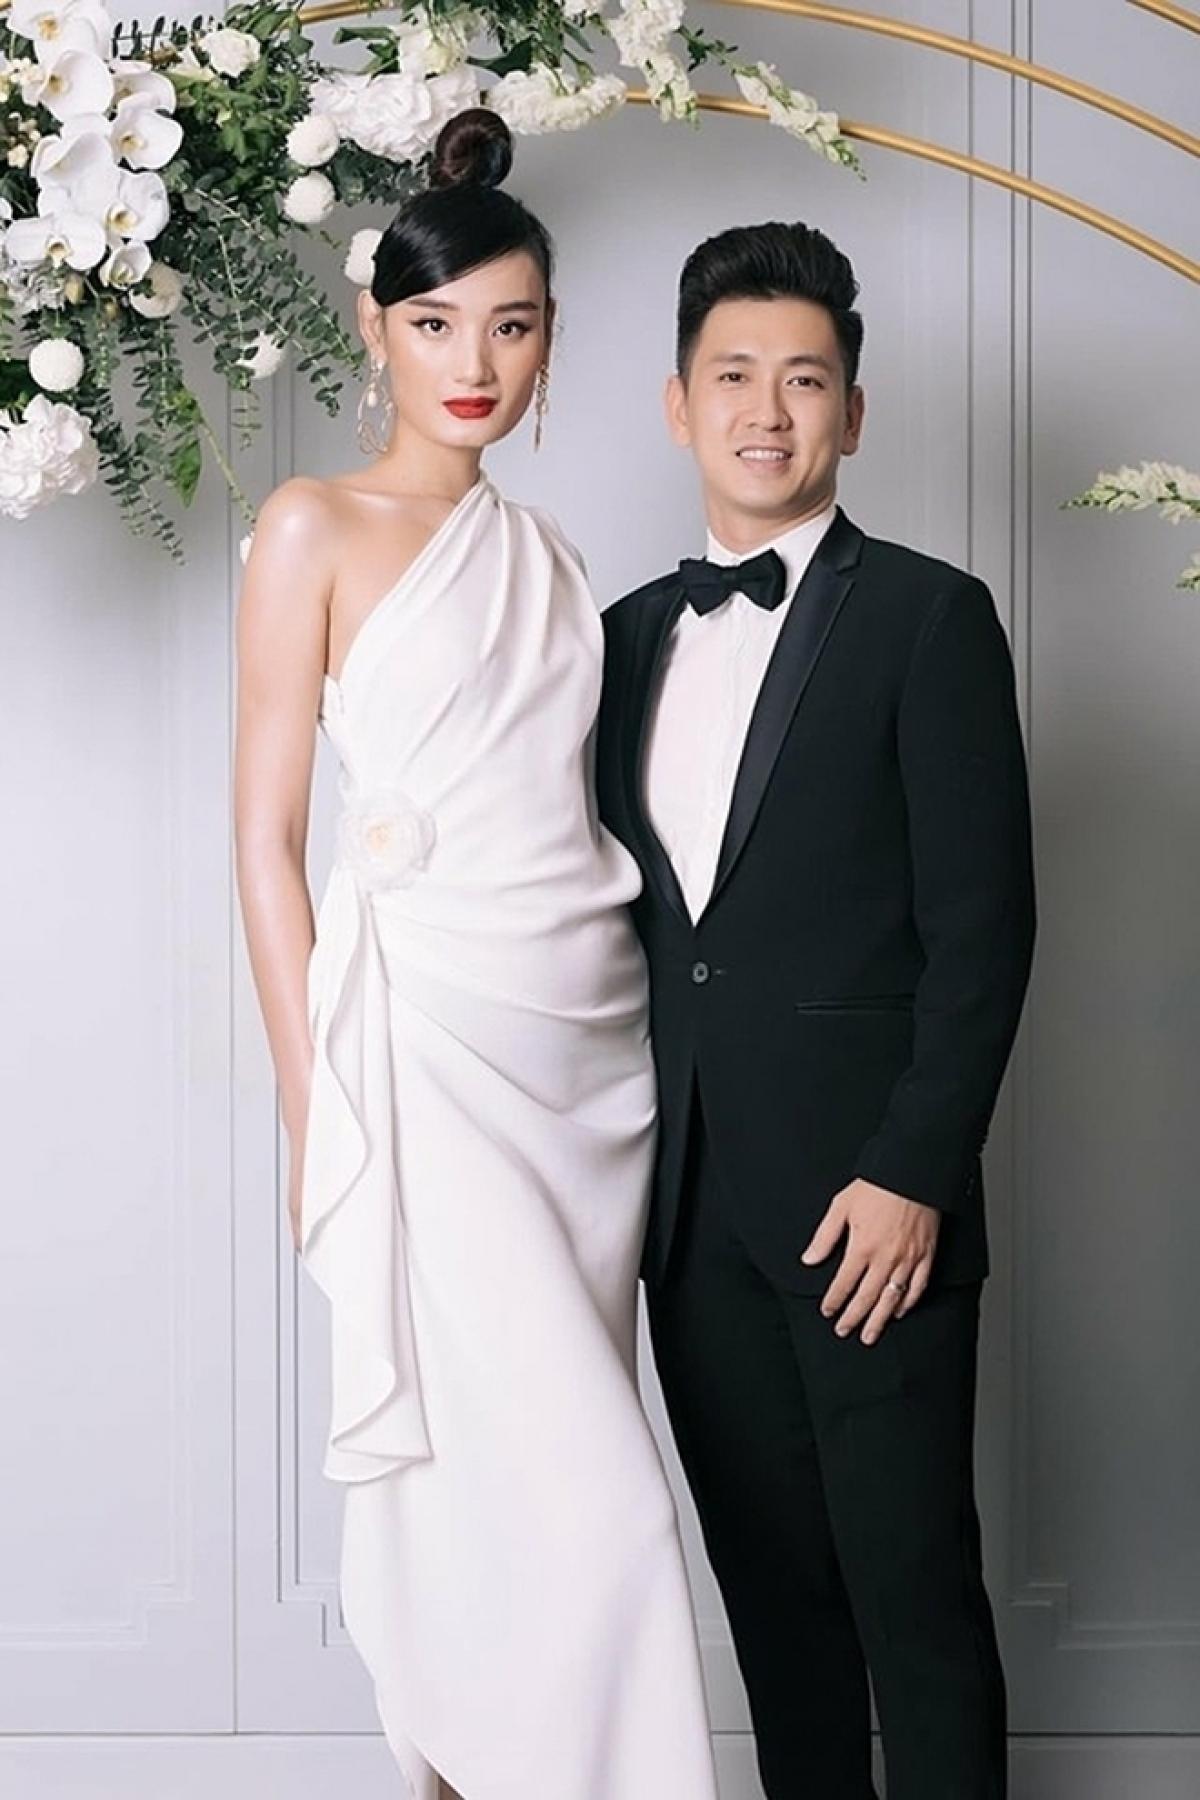 Lê Thuý và chồng, doanh nhân Đỗ An.